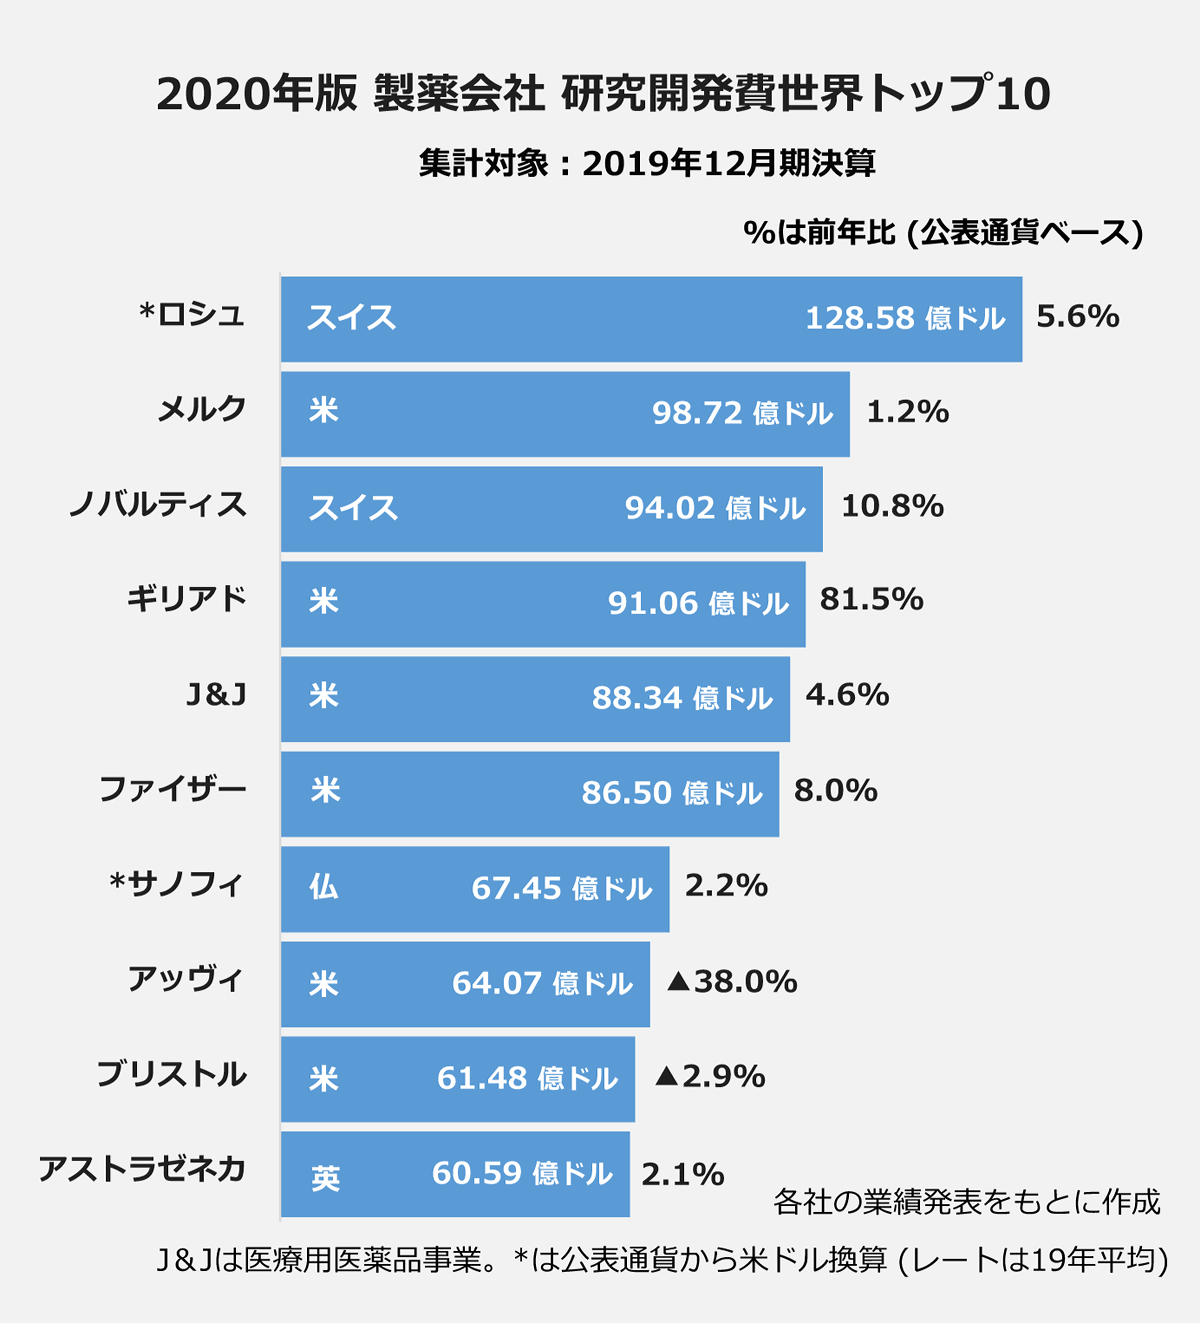 【2020年 製薬会社 研究開発費世界トップ10】(集計対象:2019年12月期)(%は前年比、公表通過ベース) *ロシュ/128.58億ドル/5.6% |メルク/98.72億ドル/1.2% |ノバルティス/94.02億ドル/10.8% |ギリアド/91.06億ドル/81.5% |J&J/88.34億ドル/4.6% |ファイザー/86.50億ドル/8.0% |*サノフィ/67.45億ドル/2.2% |アッヴィ/64.07億ドル/▲38.0% |ブリストル/61.48億ドル/▲2.9% |アストラゼネカ/60.59億ドル/2.1% |※各社の業績発表を元に作成。J&Jは医療用医薬品事業。*は公表通過から米ドル換算(レートは19年平均)